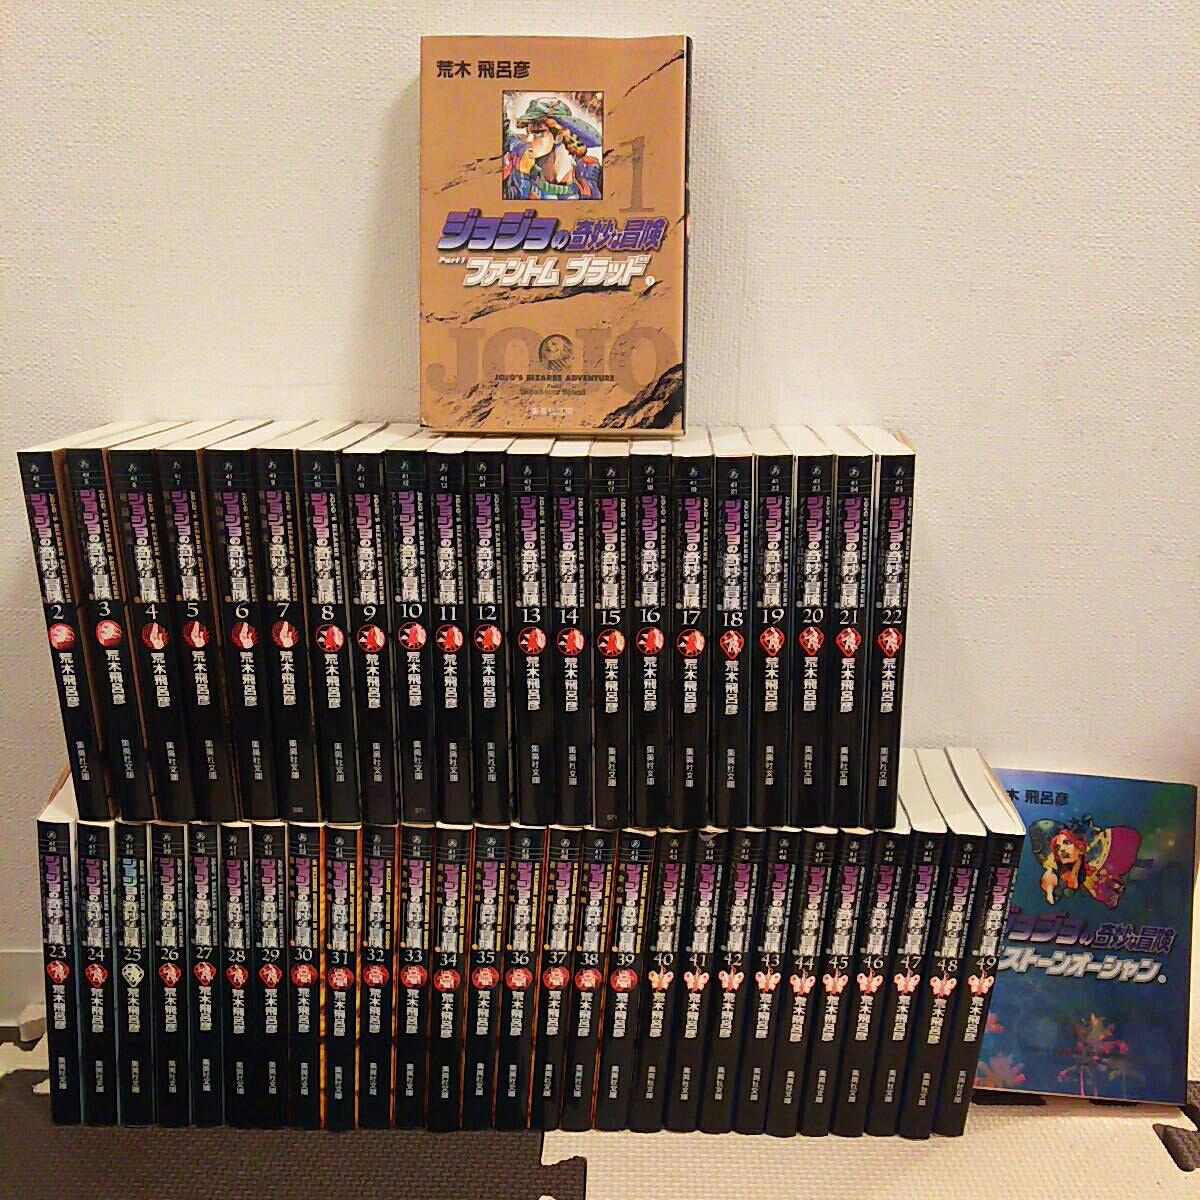 ジョジョの奇妙な冒険 荒木飛呂彦 1~50巻 全巻完結セット グッズの画像